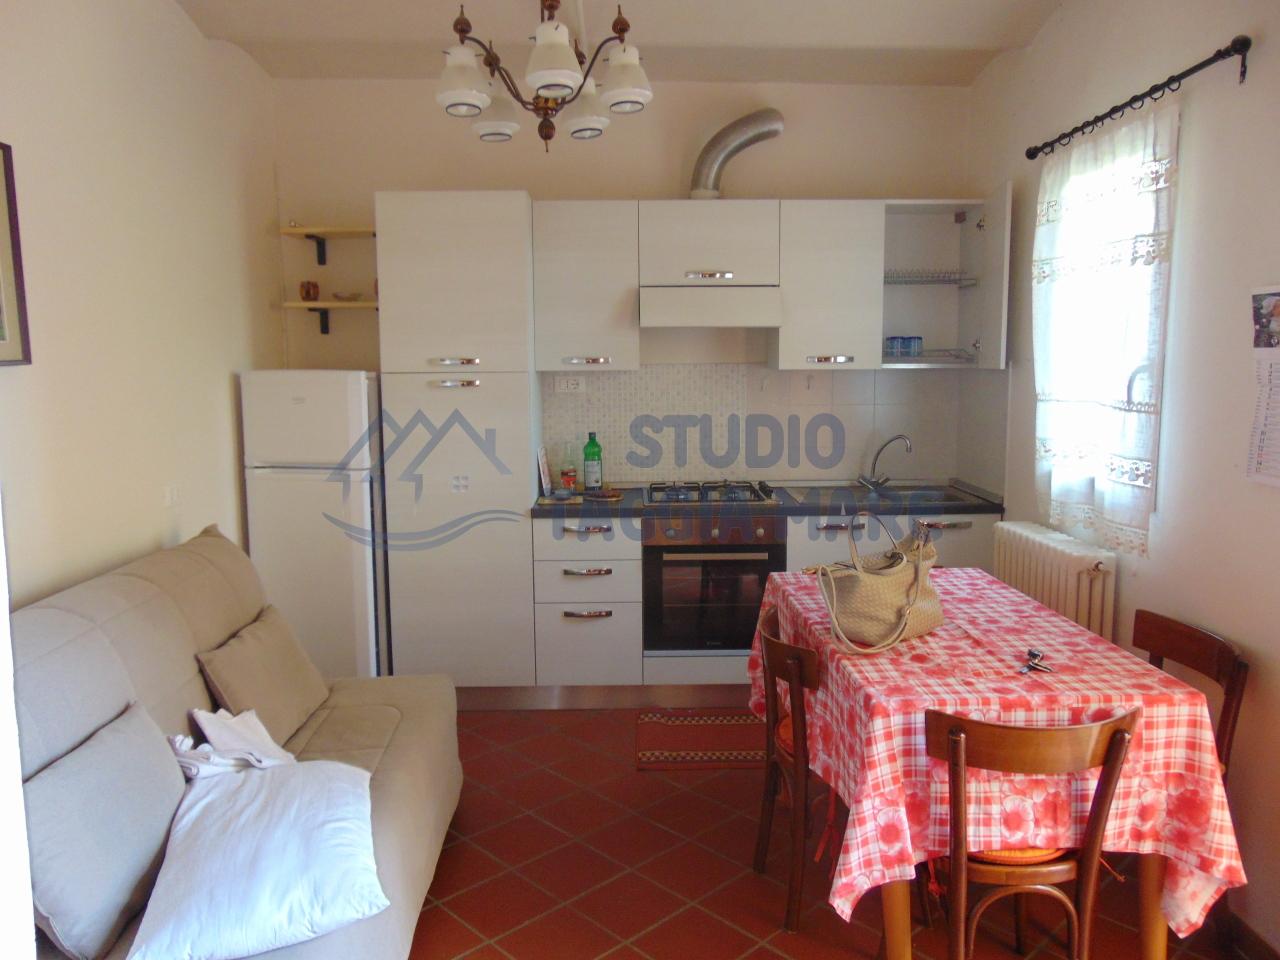 Soluzione Indipendente in affitto a Pompeiana, 2 locali, prezzo € 330 | CambioCasa.it